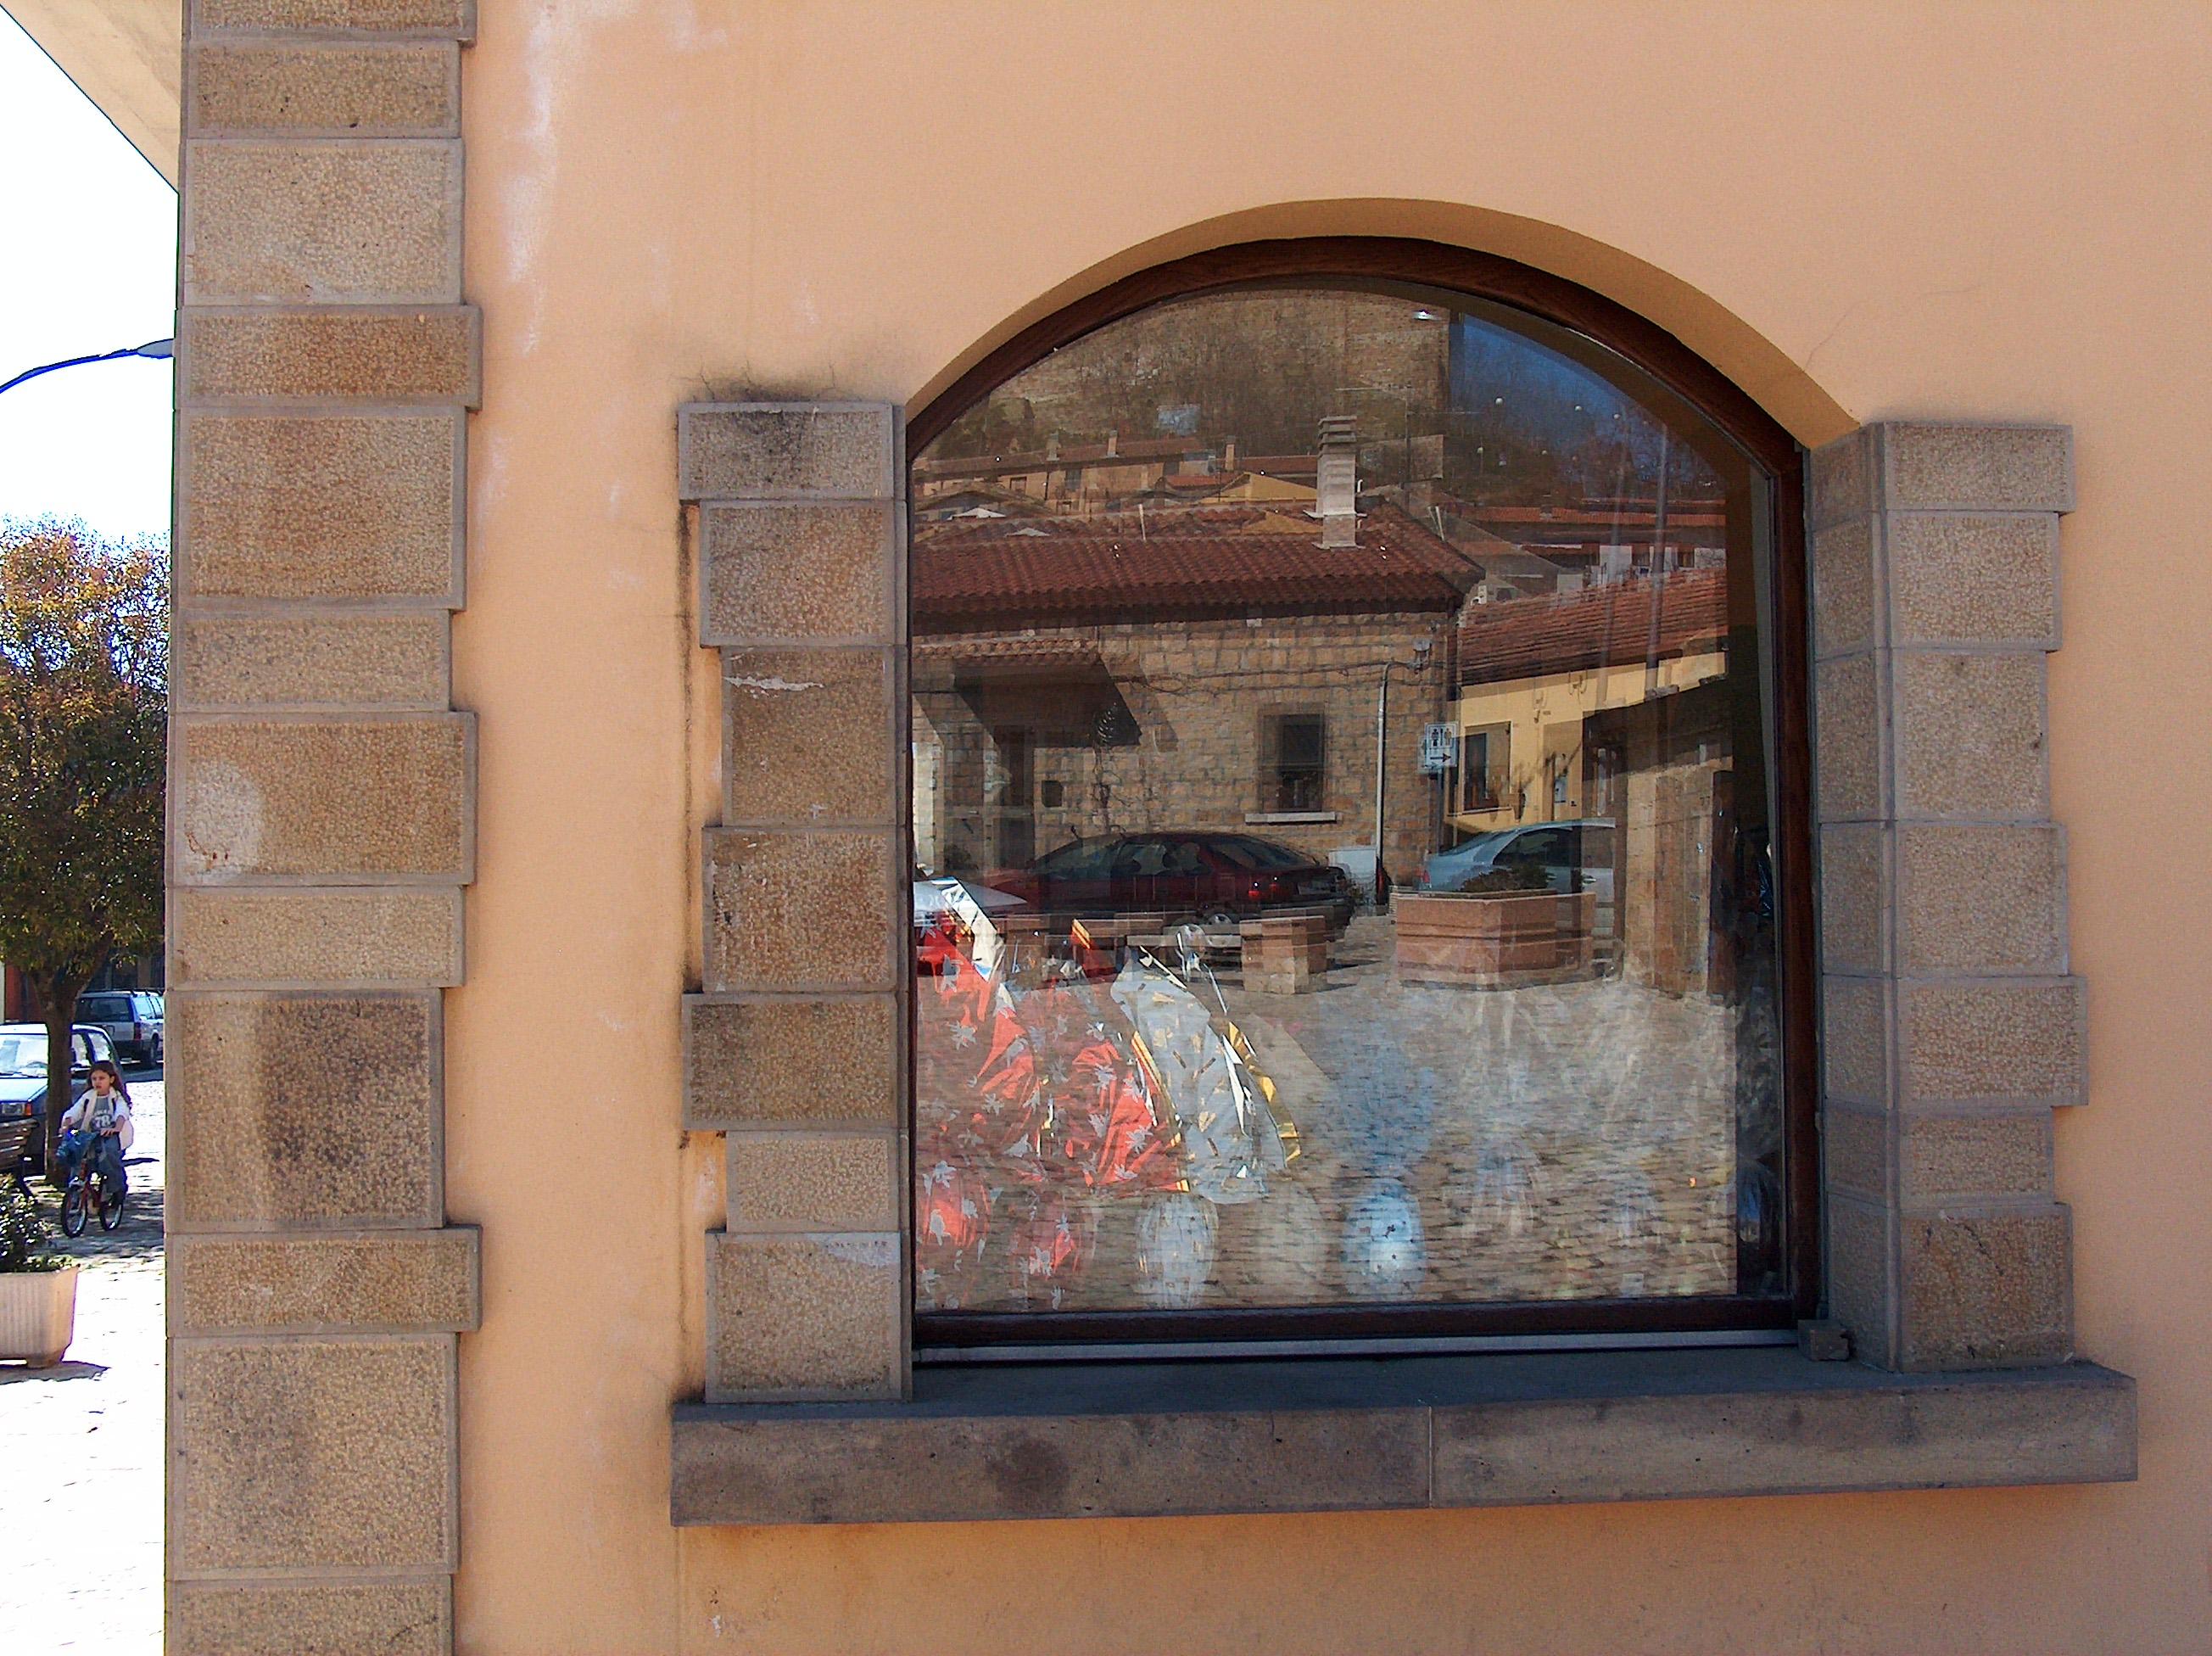 I nostri prodotti blc marmi - Soglie per finestre ...